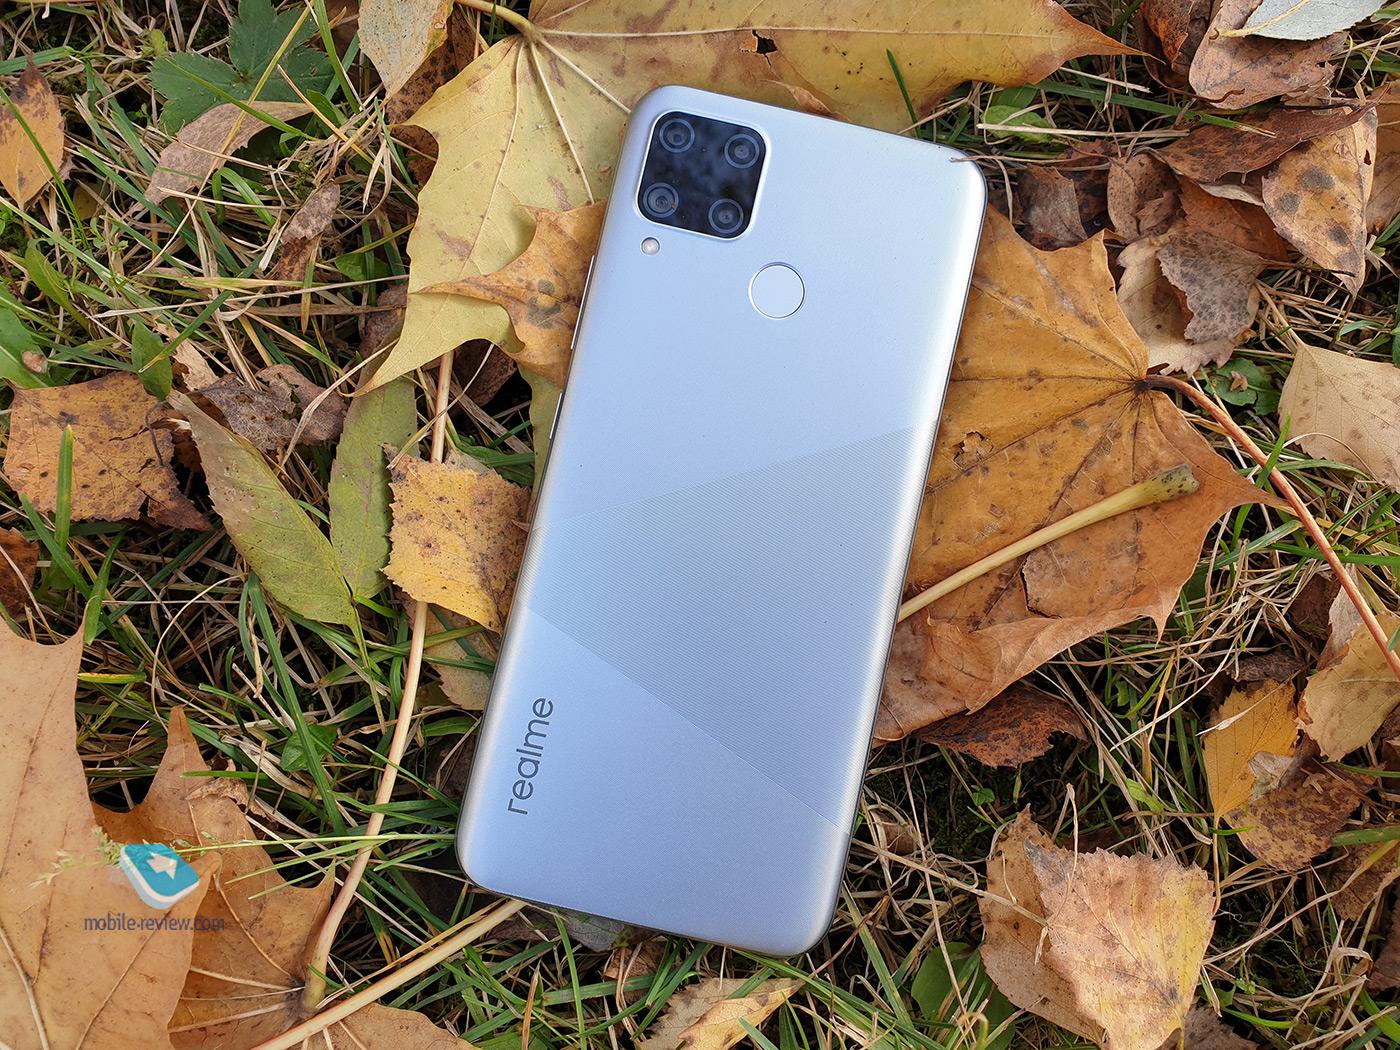 Обзор Motorola E7 Plus: лучший смартфон Е-серии за 10 000 рублей